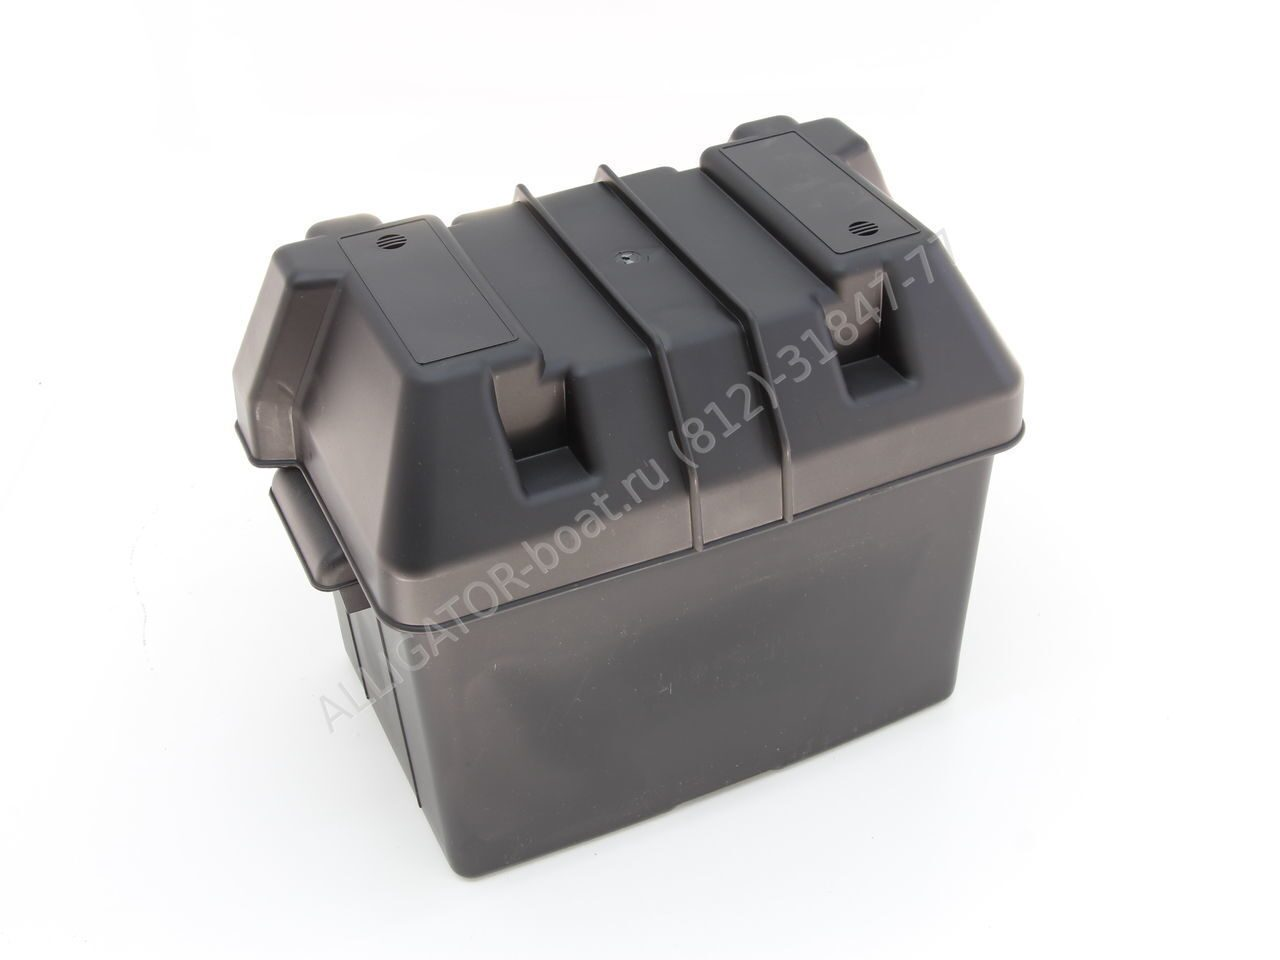 аккумуляторы зонненшайн для лодочных электромоторов